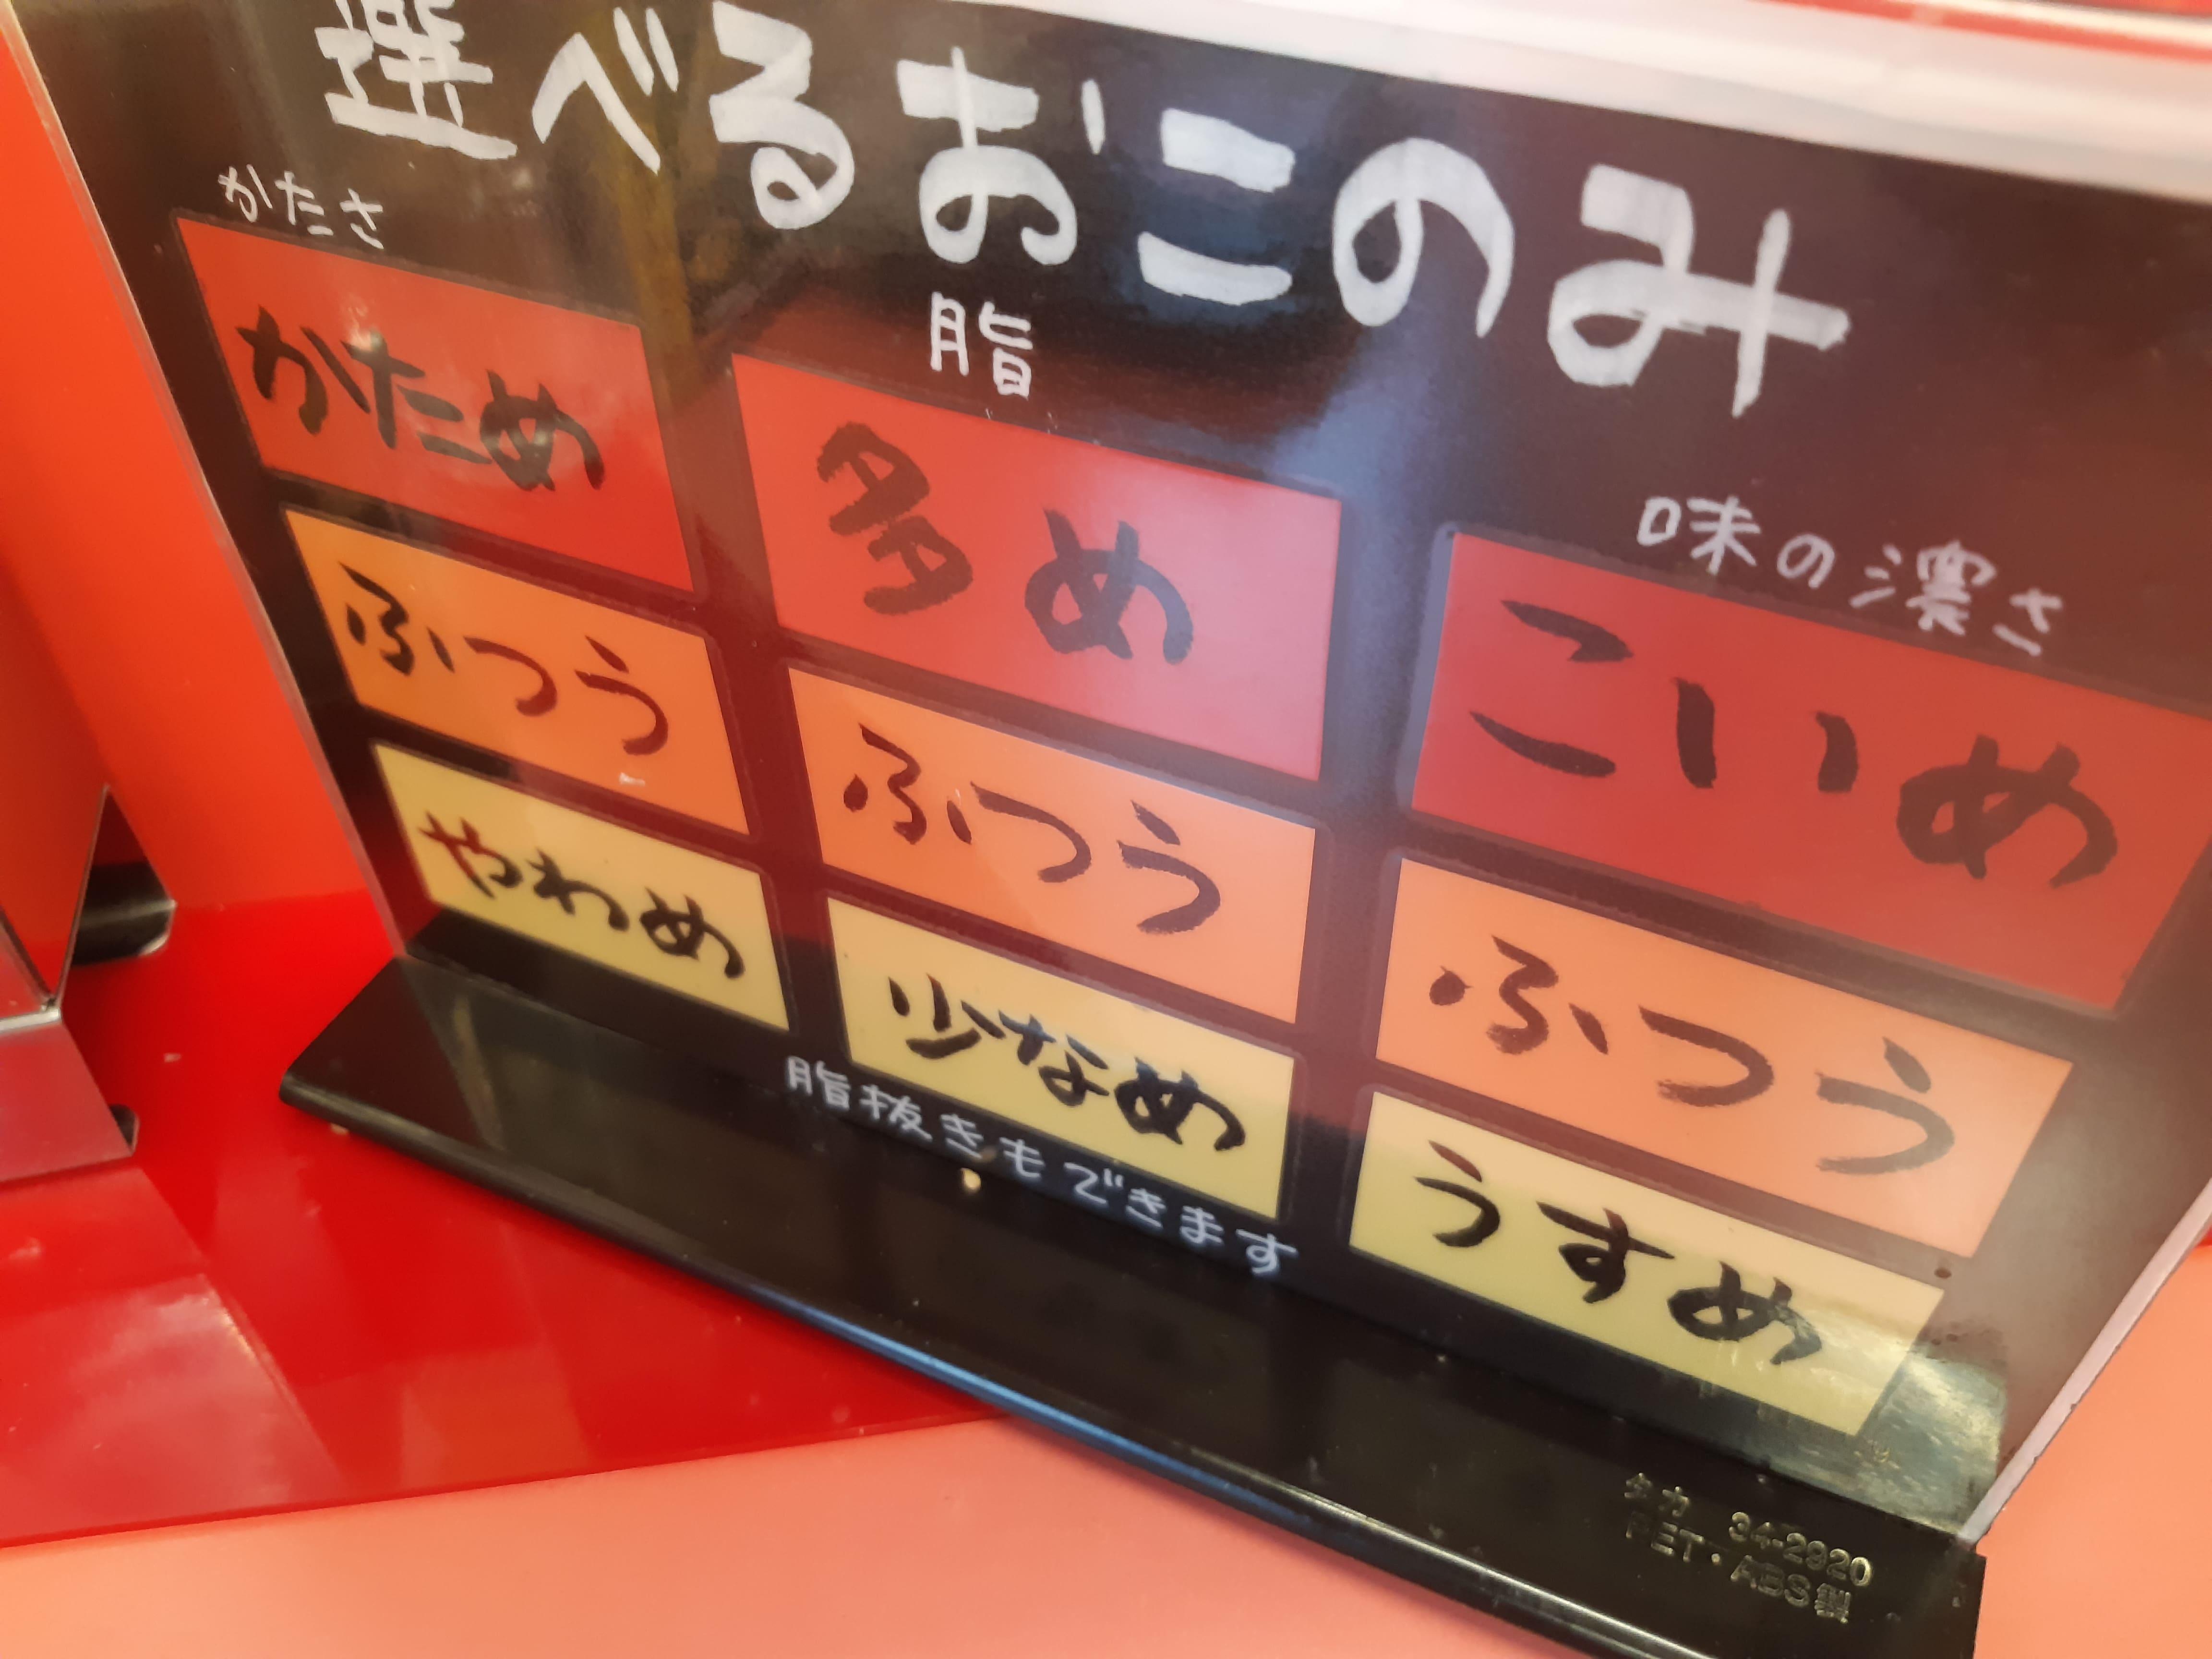 旨過ぎラーメン丸千代山岡家の株価がじわじわ上昇中!?